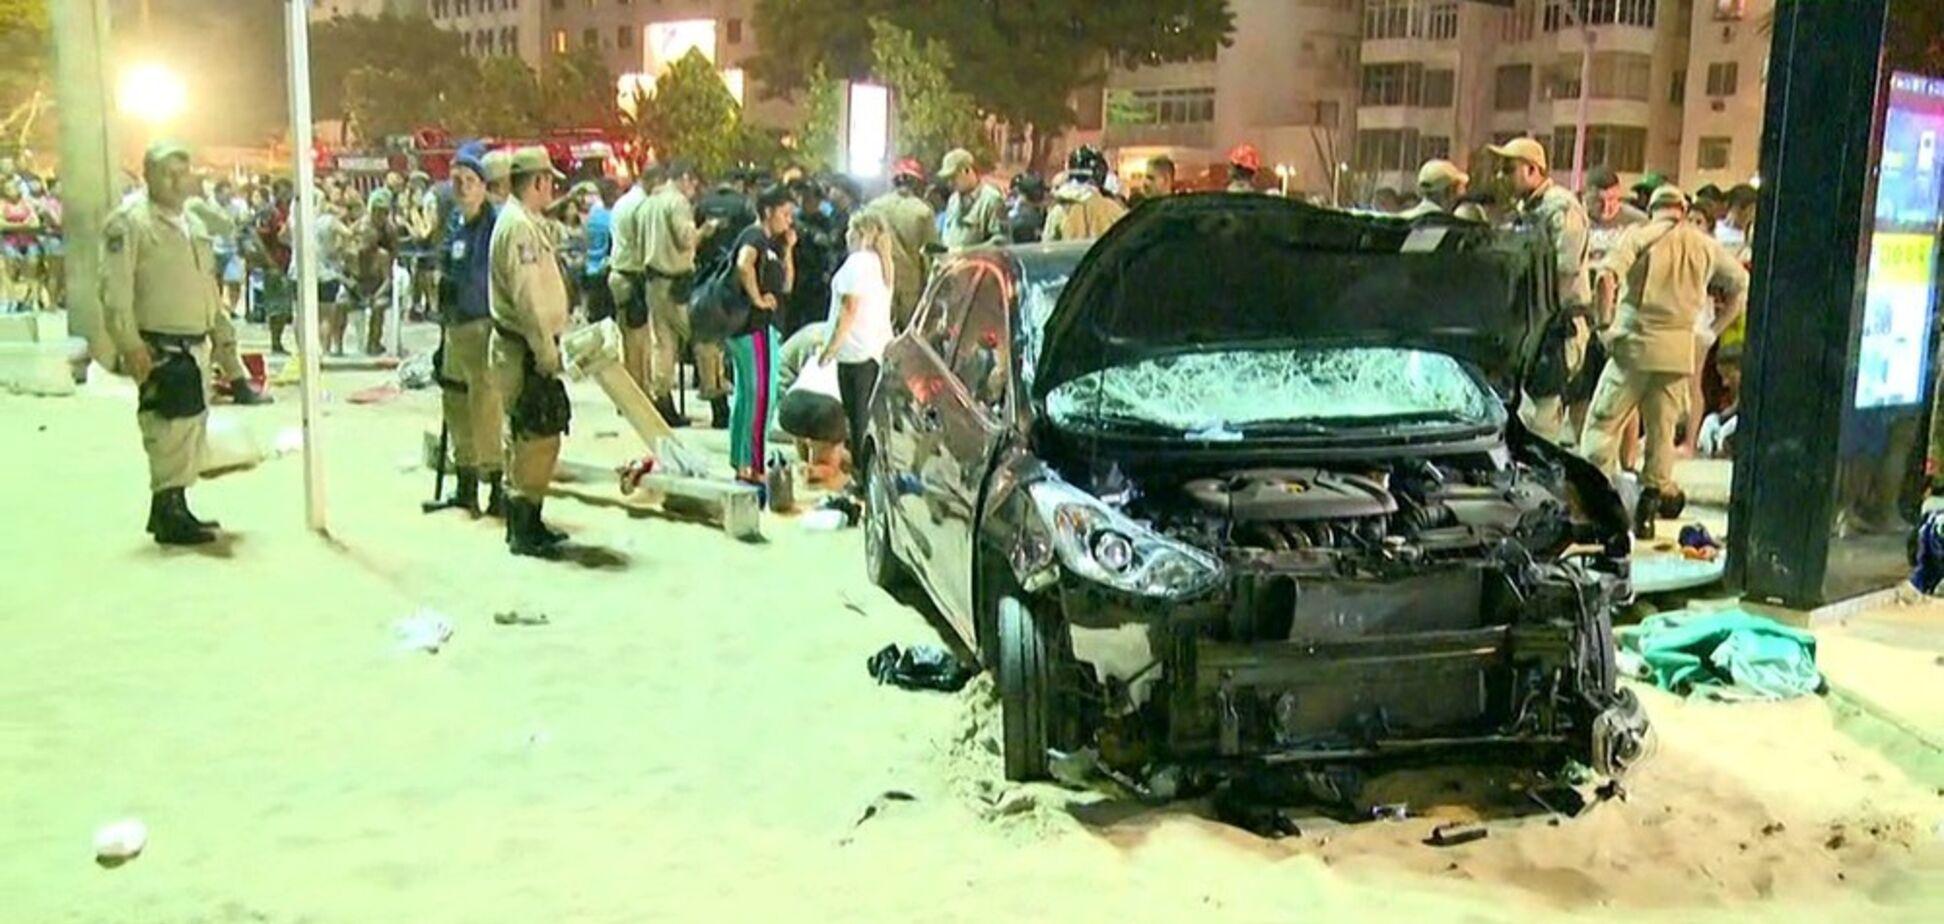 У Ріо-де-Жанейро автомобіль протаранив натовп